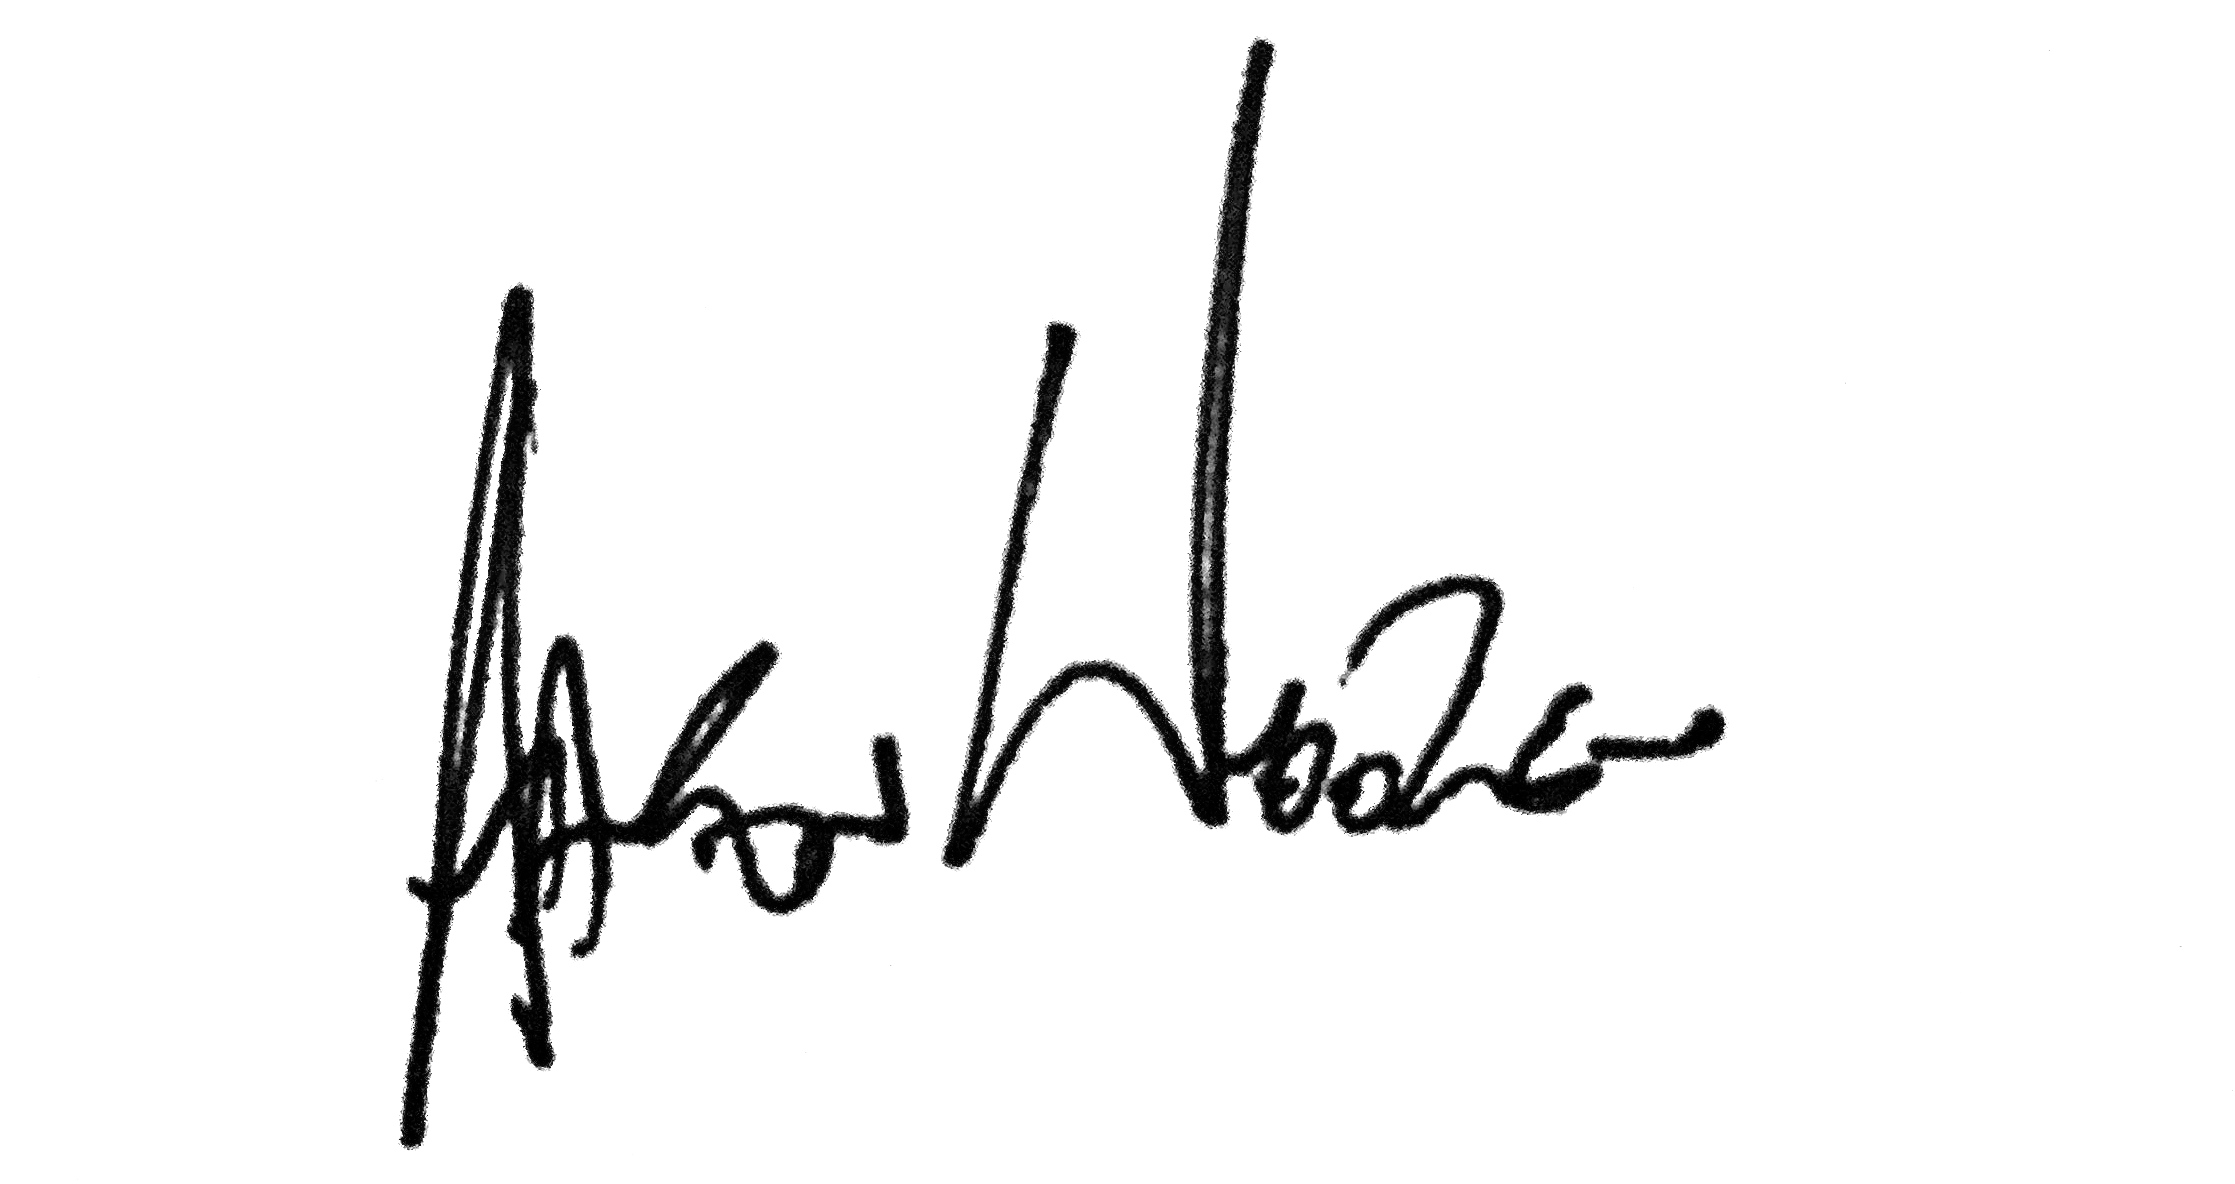 AAron wooten Signature